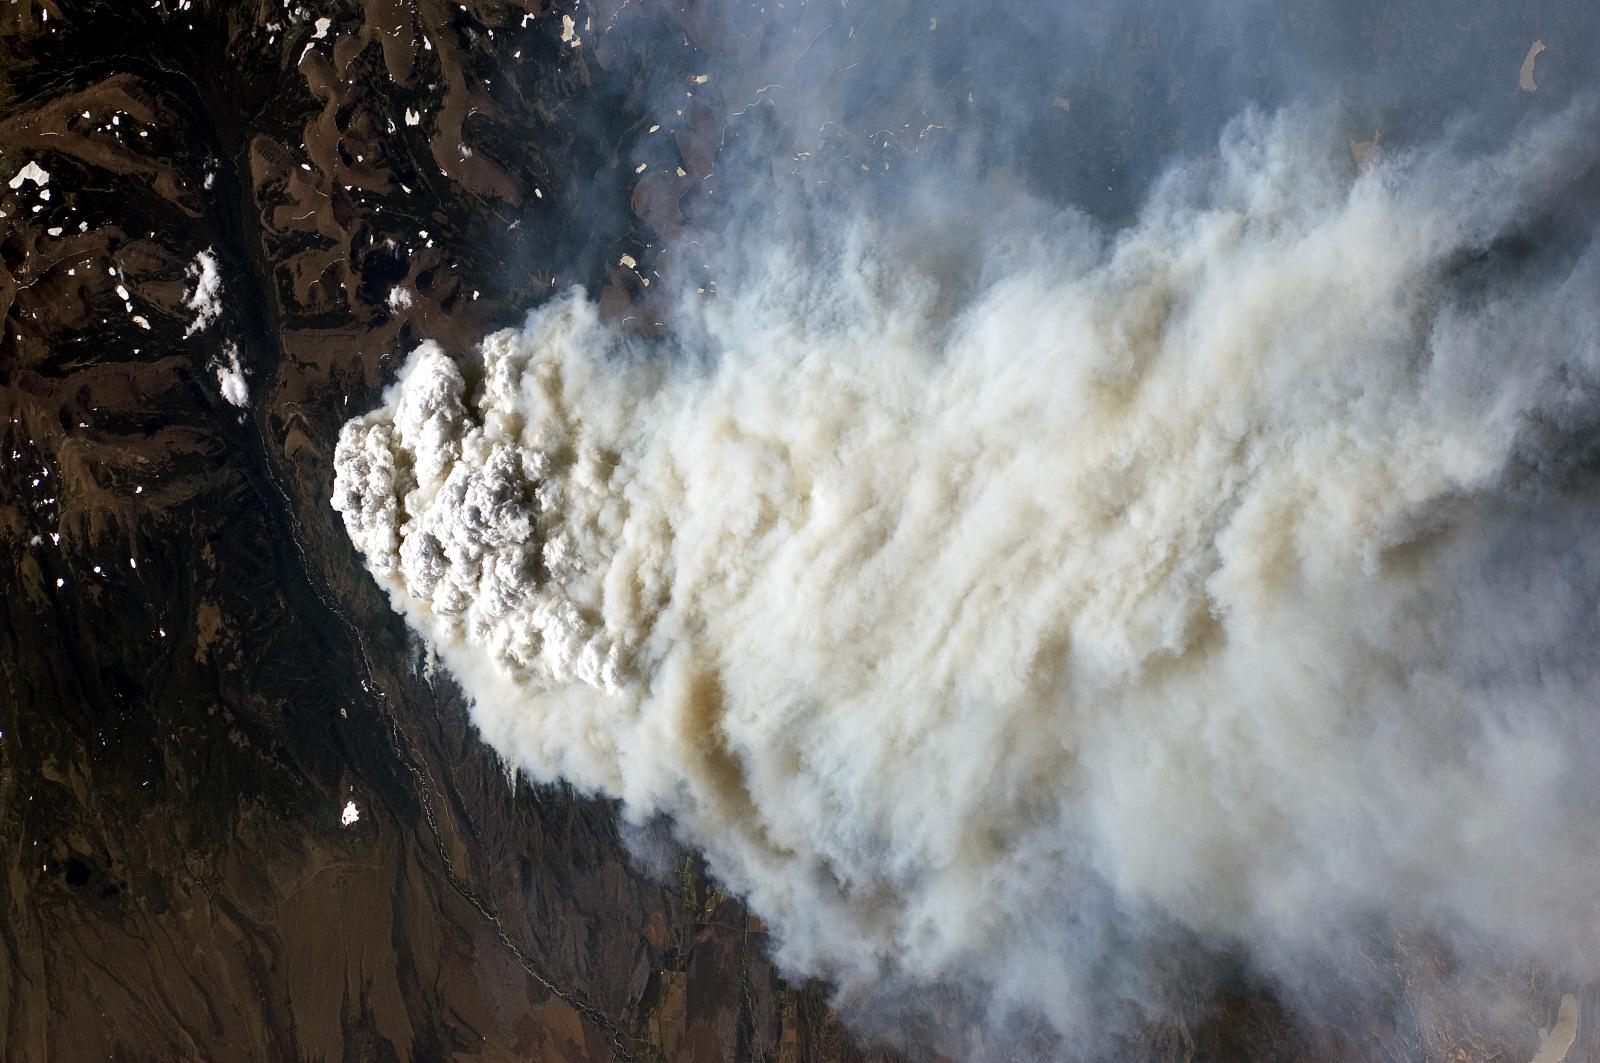 http://3.bp.blogspot.com/-hCuTVUTm0qU/TgUA_q7jj_I/AAAAAAAAAho/Pc-DxjrURgs/s1600/ekolog_b_04.JPG